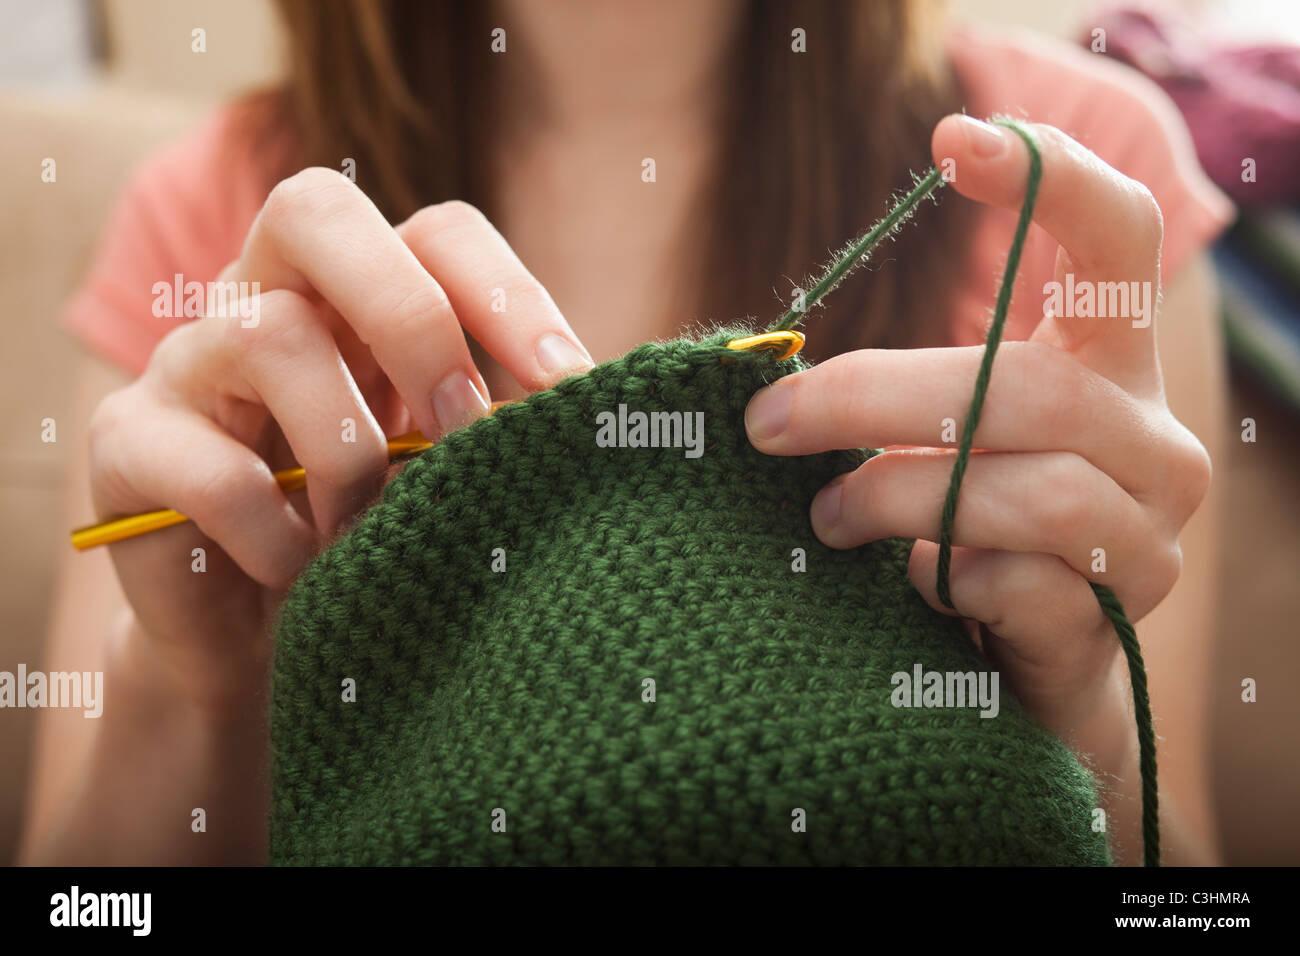 Junge Frau stricken Wollmütze Stockbild